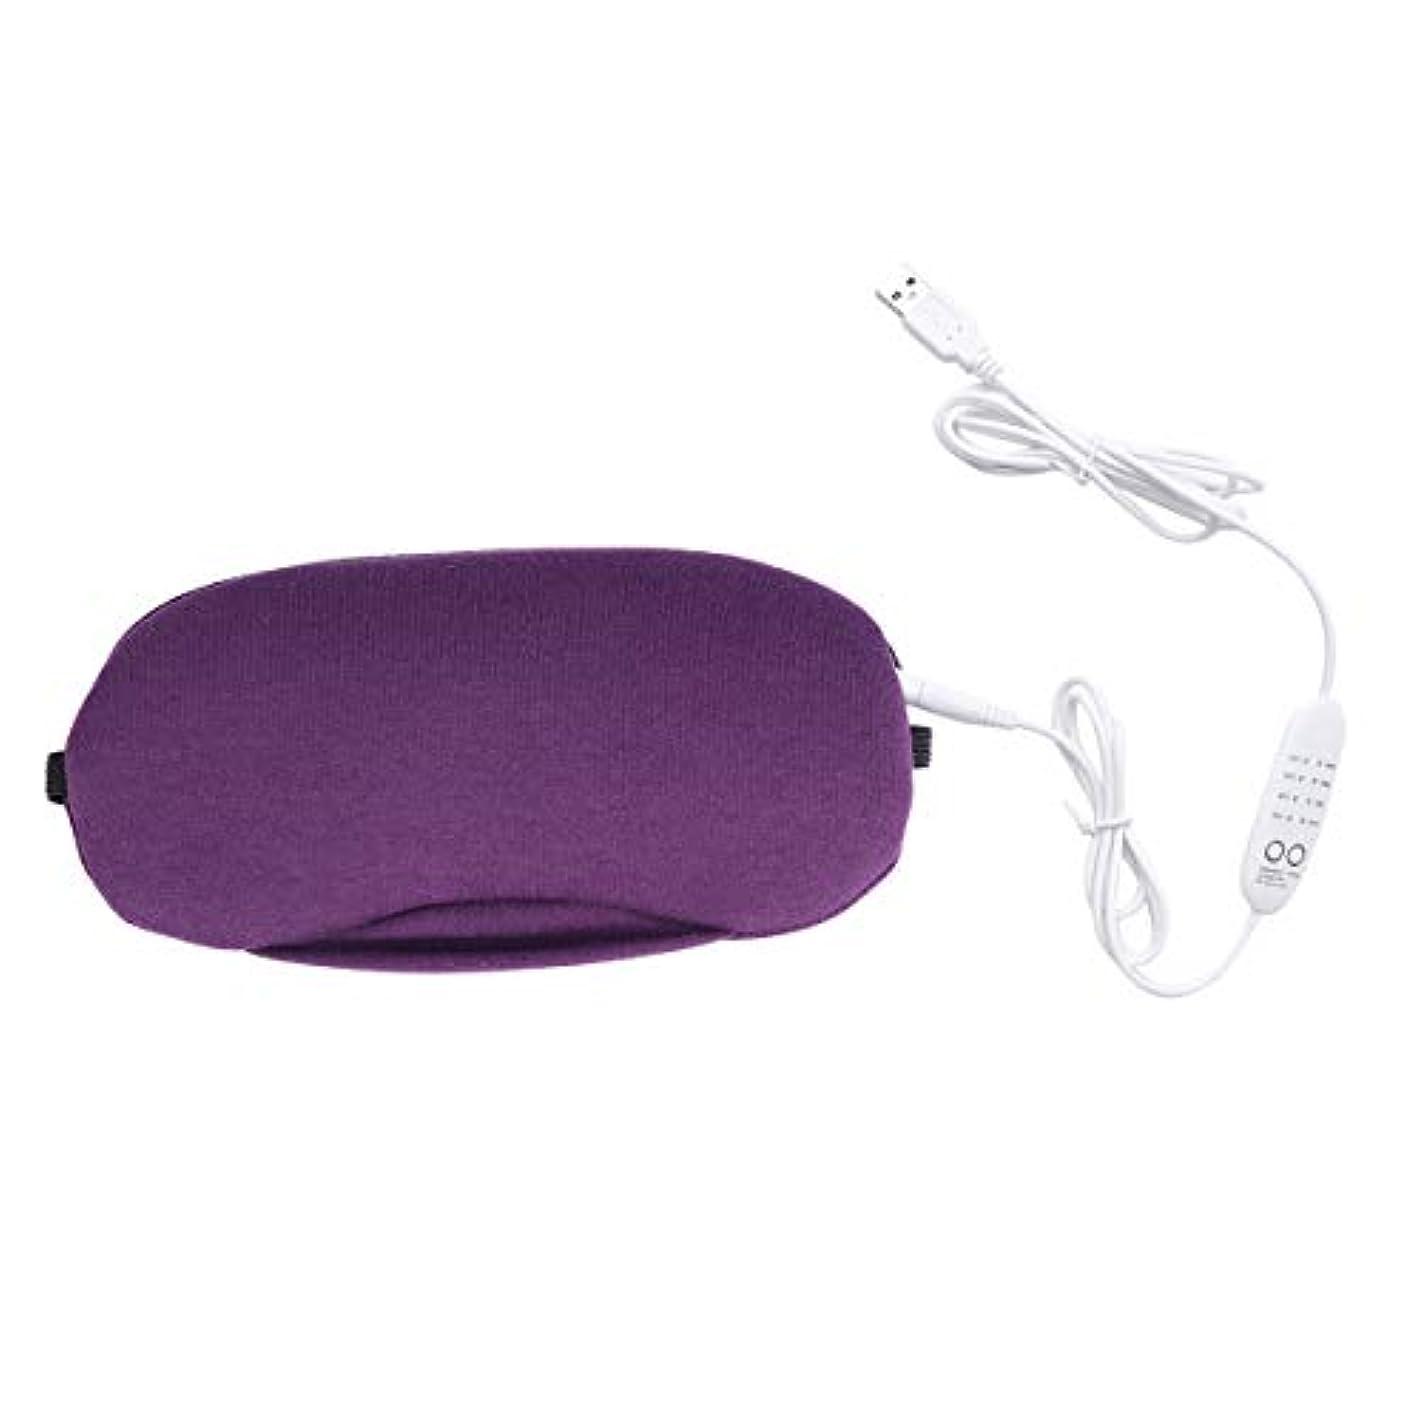 過去ベーカリー発生不眠症を和らげるためのHealifty USBスチームアイマスク目隠しホットコンプレッションアイシールドドライアイ疲労(紫色)